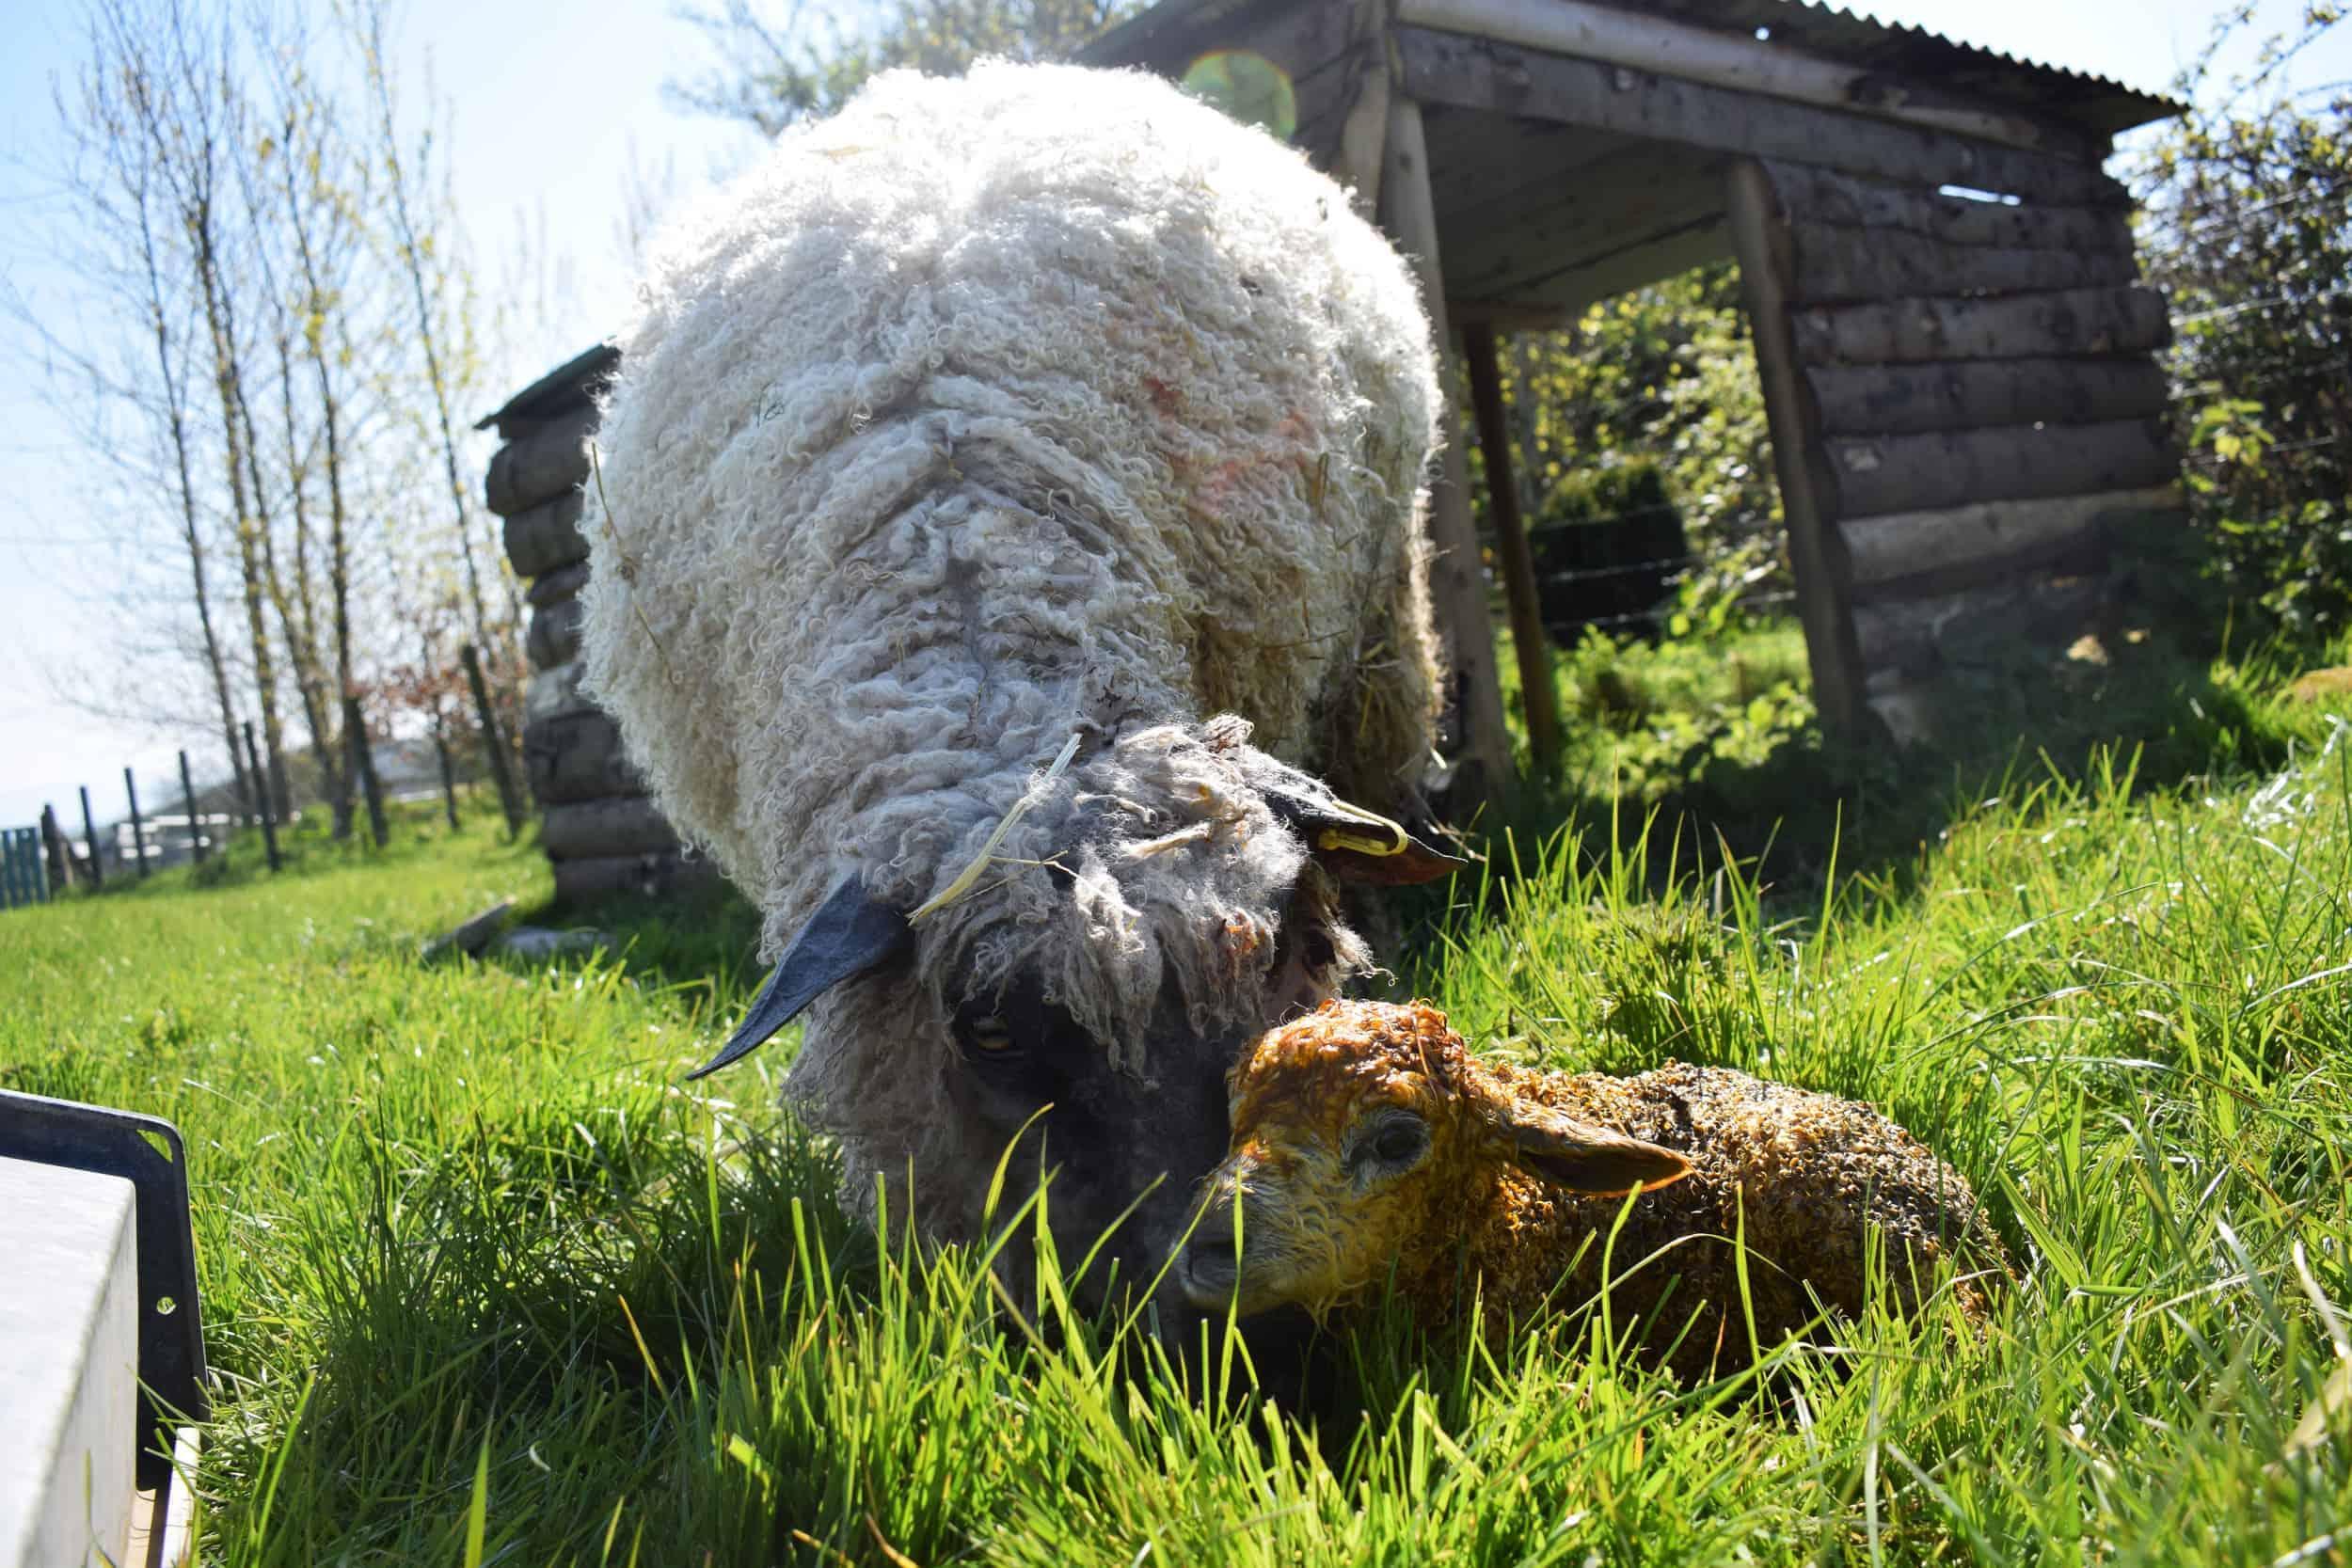 dobby wensleydale sheep newborn lamb